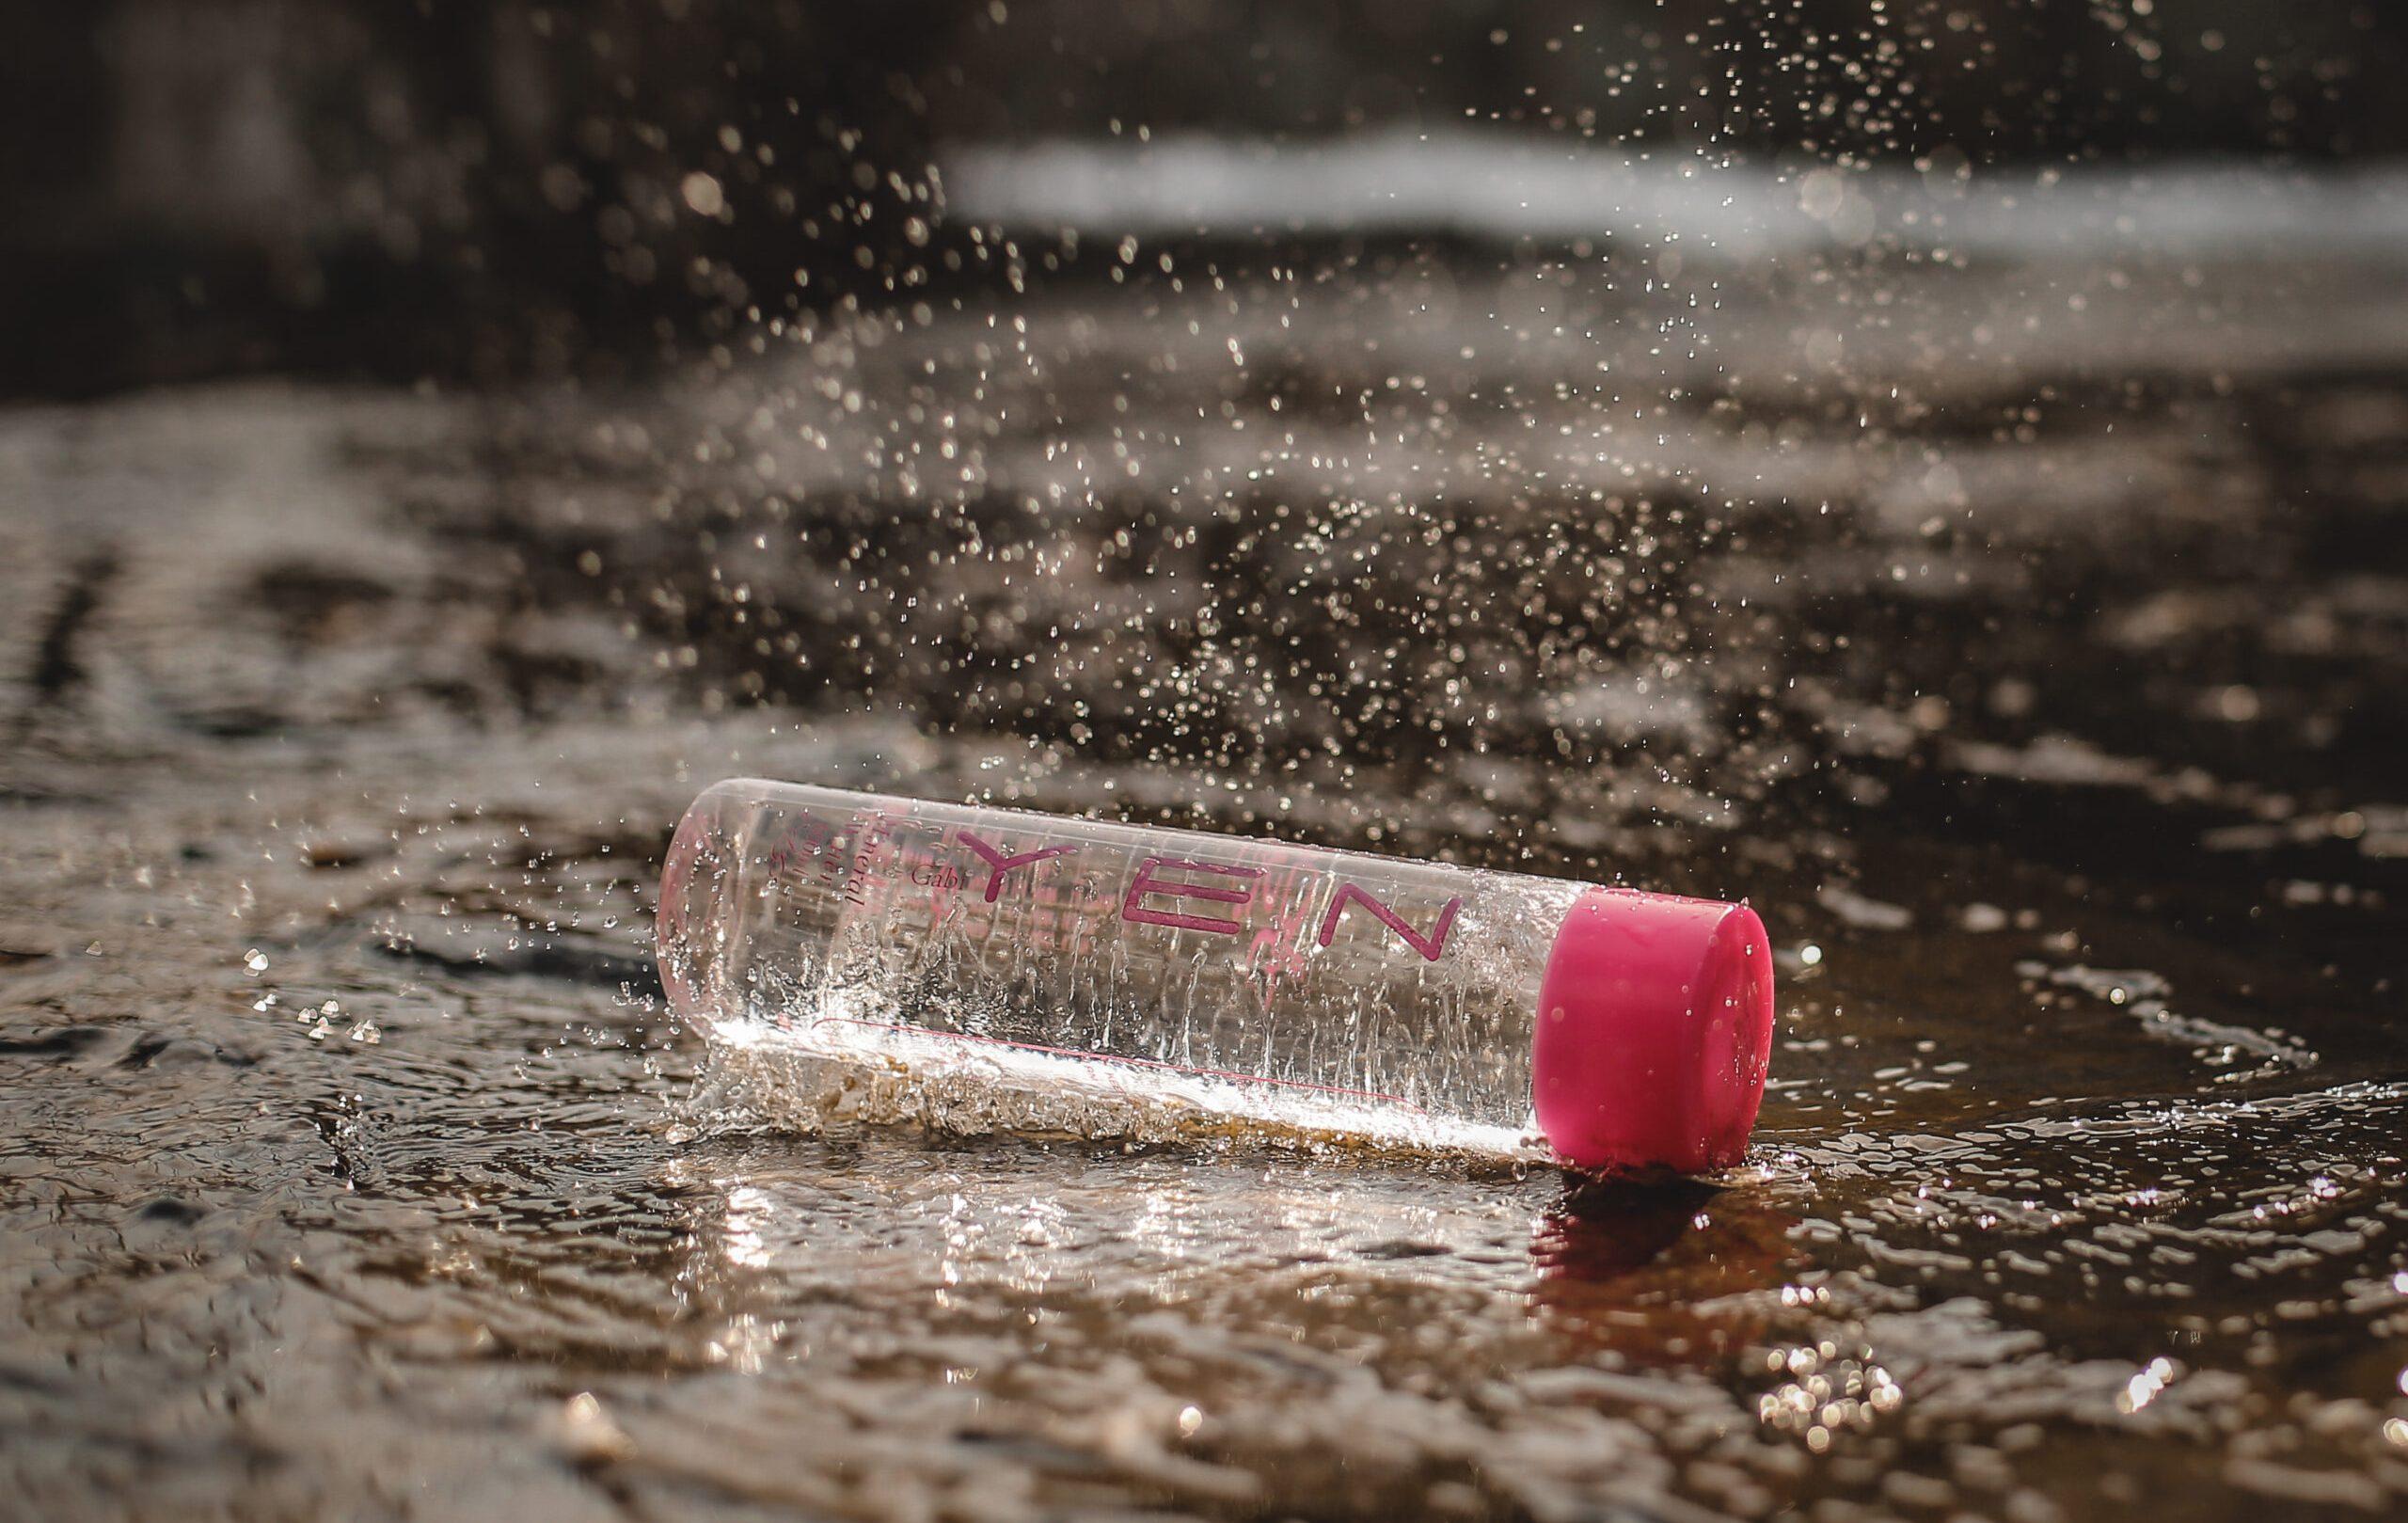 تفاوت آب معدنی با آب آشامیدنی به بازنشر از گابی ین واتر